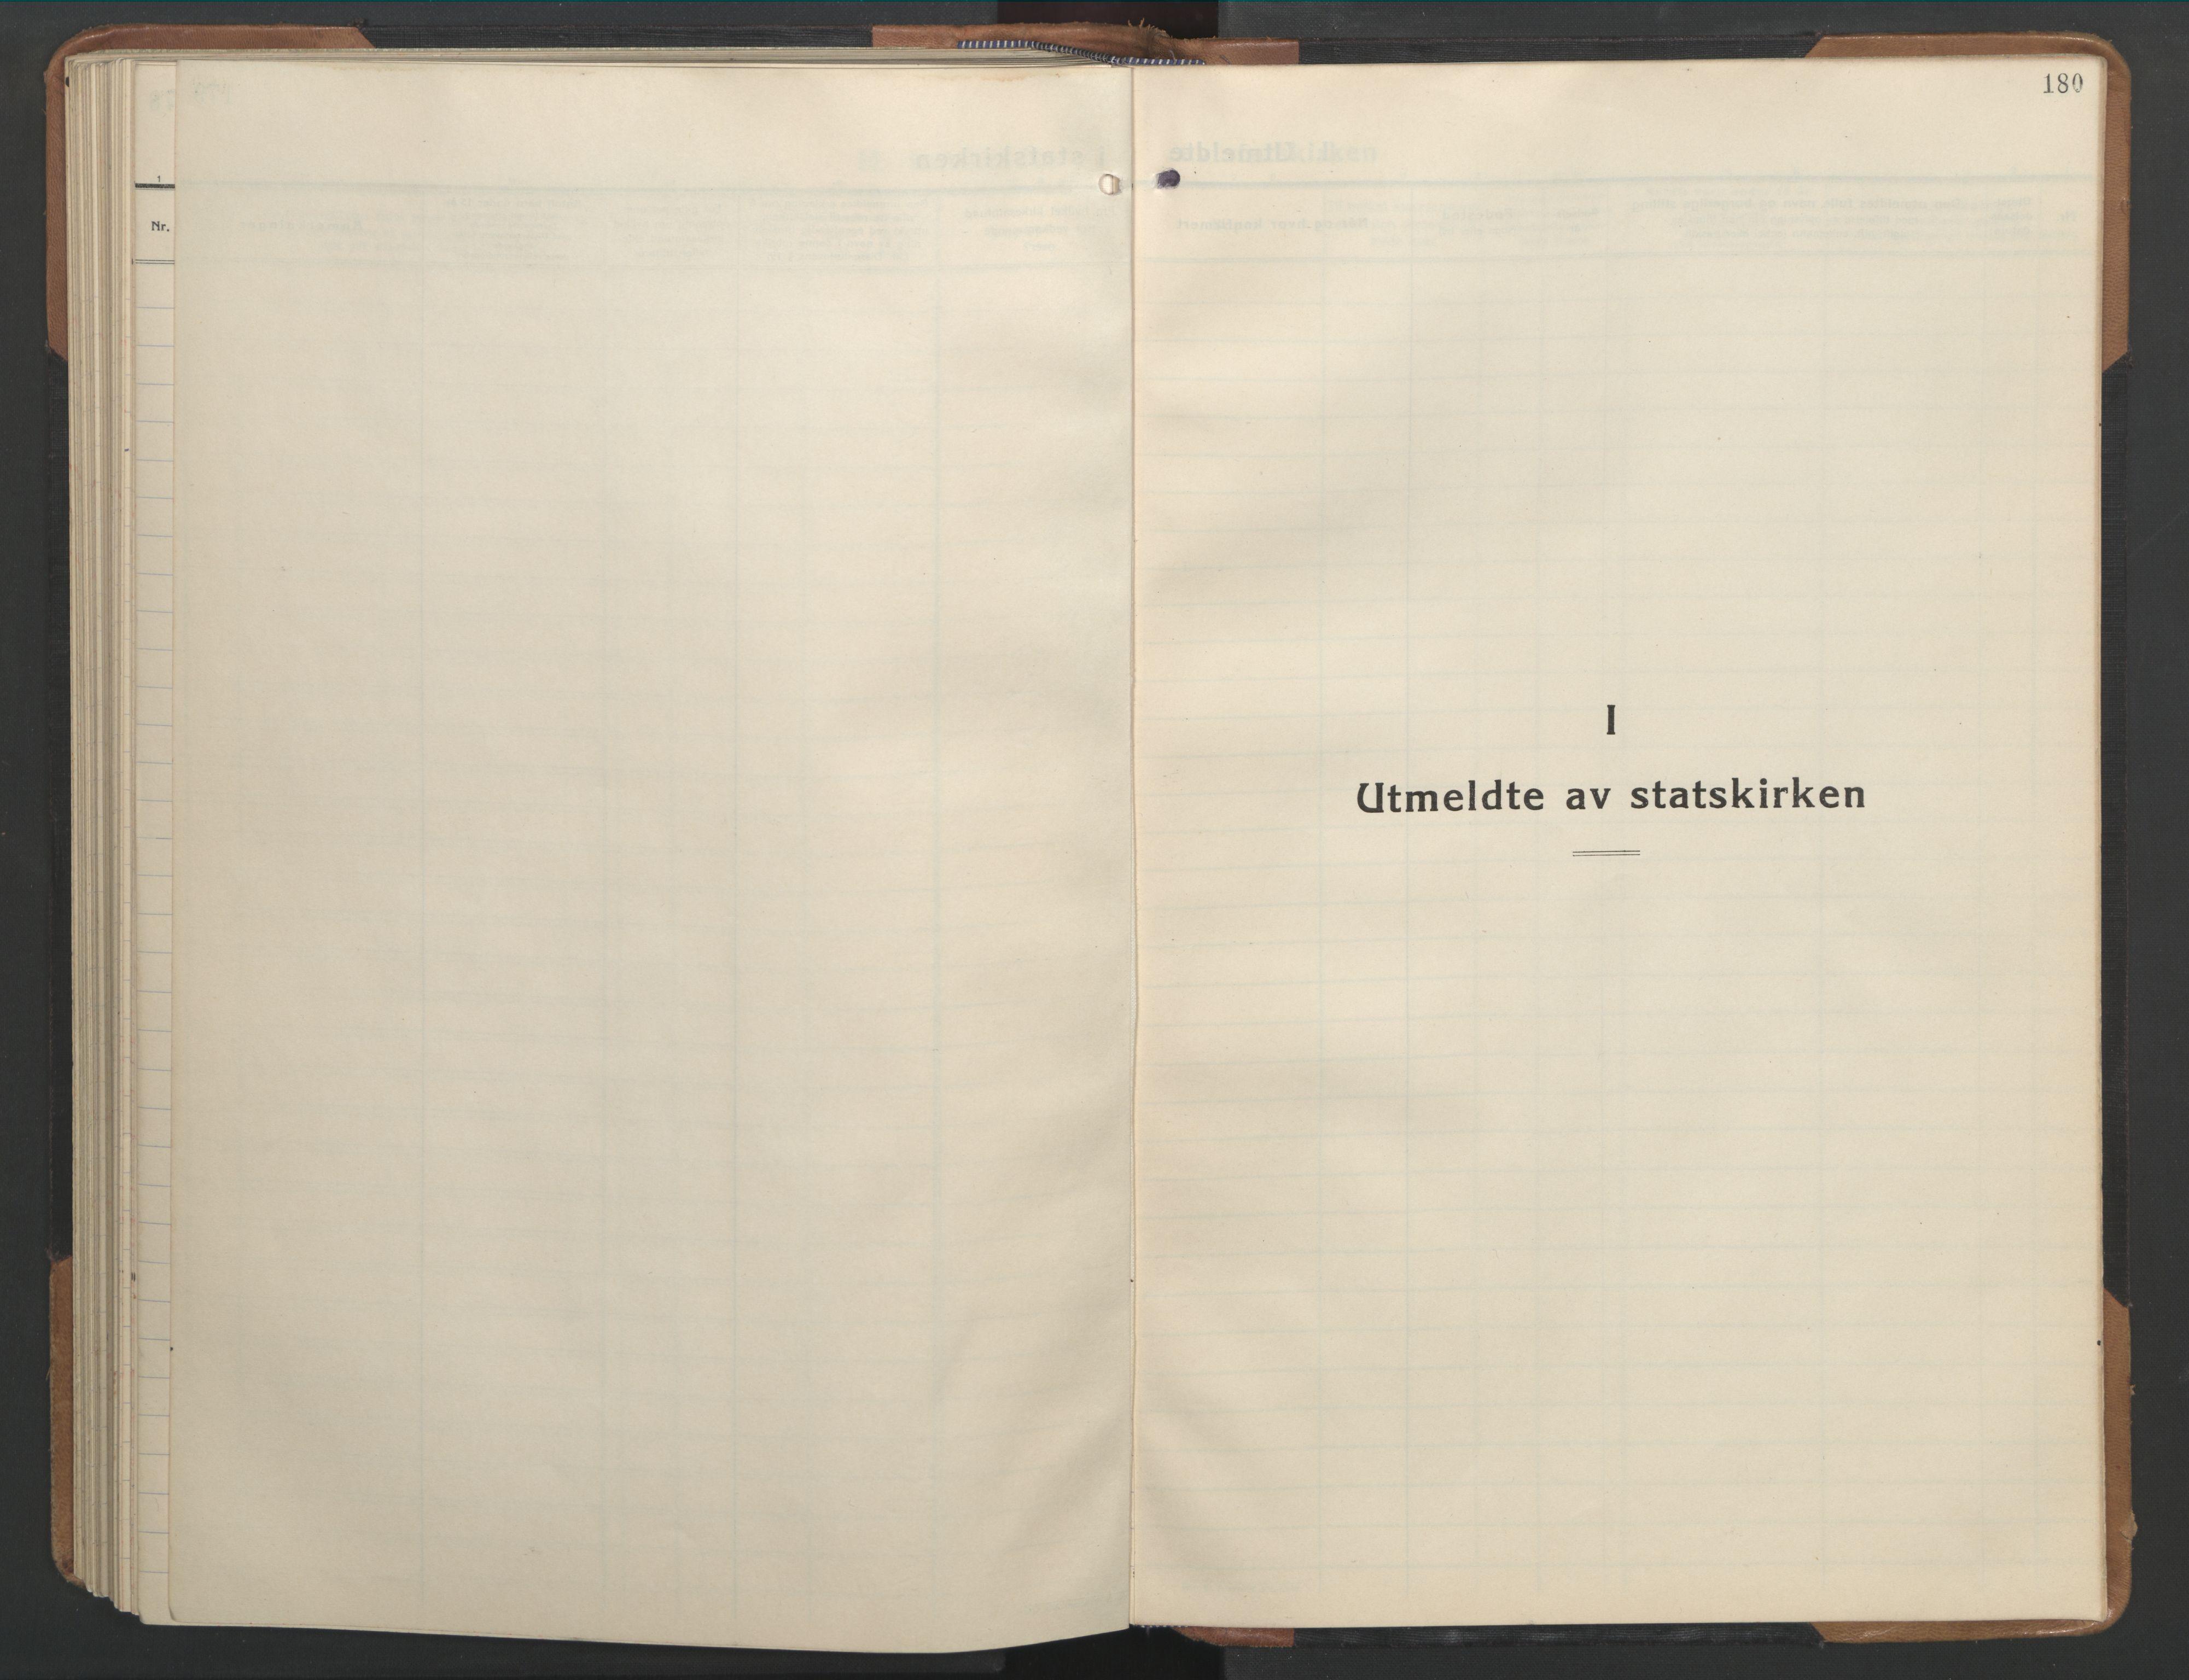 SAT, Ministerialprotokoller, klokkerbøker og fødselsregistre - Sør-Trøndelag, 655/L0690: Klokkerbok nr. 655C06, 1937-1950, s. 180